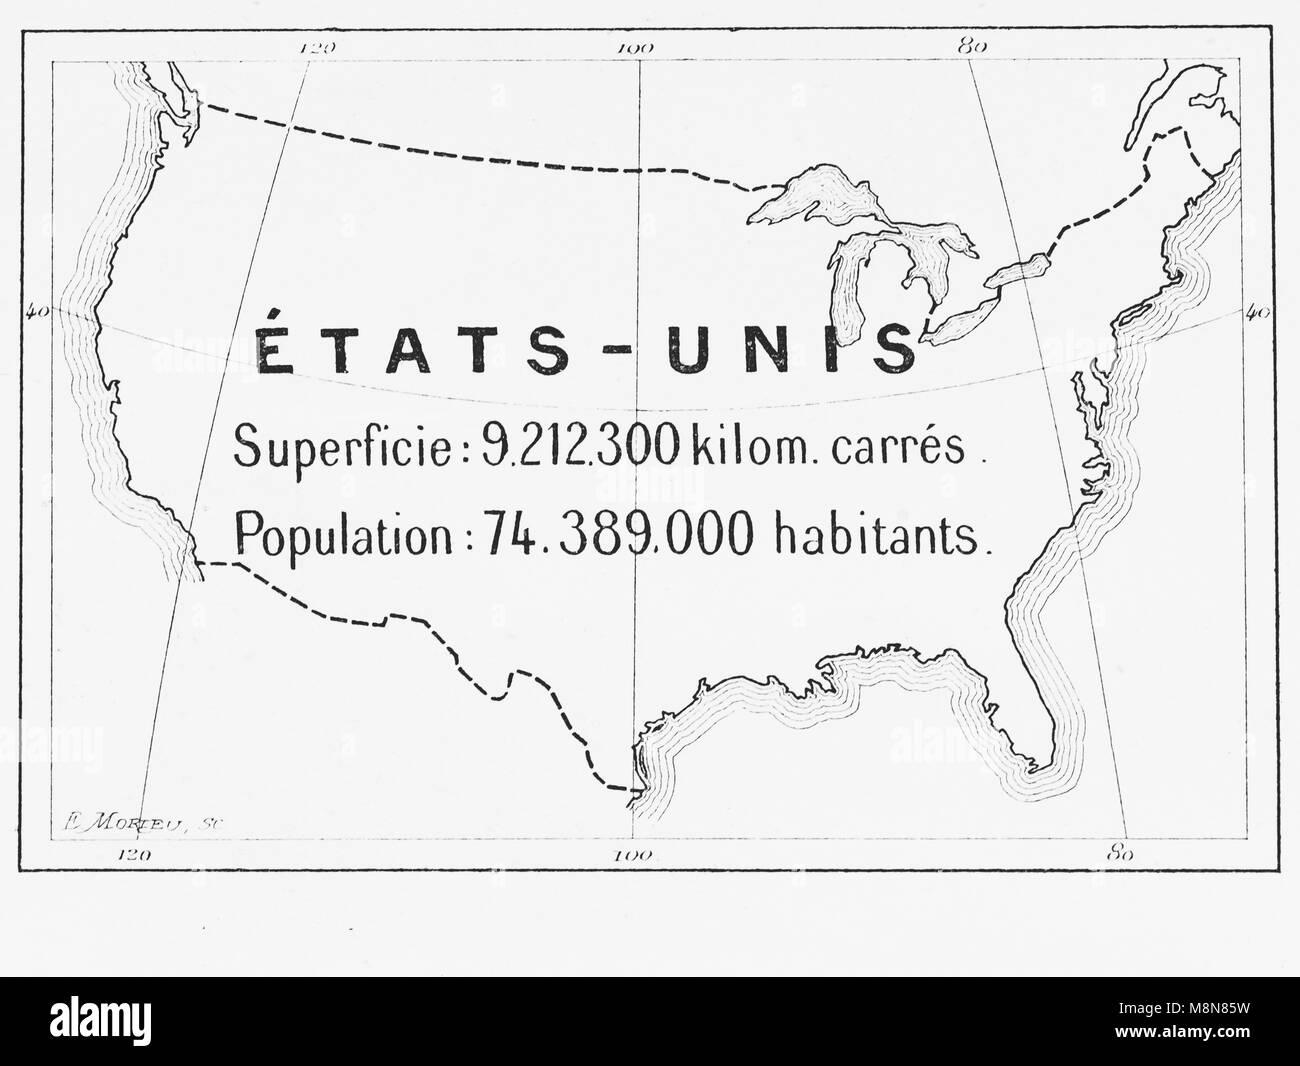 Mappa degli Stati Uniti nel 1900, Immagine dal settimanale francese quotidiano l'illustrazione, 27 Ottobre 1900 Immagini Stock